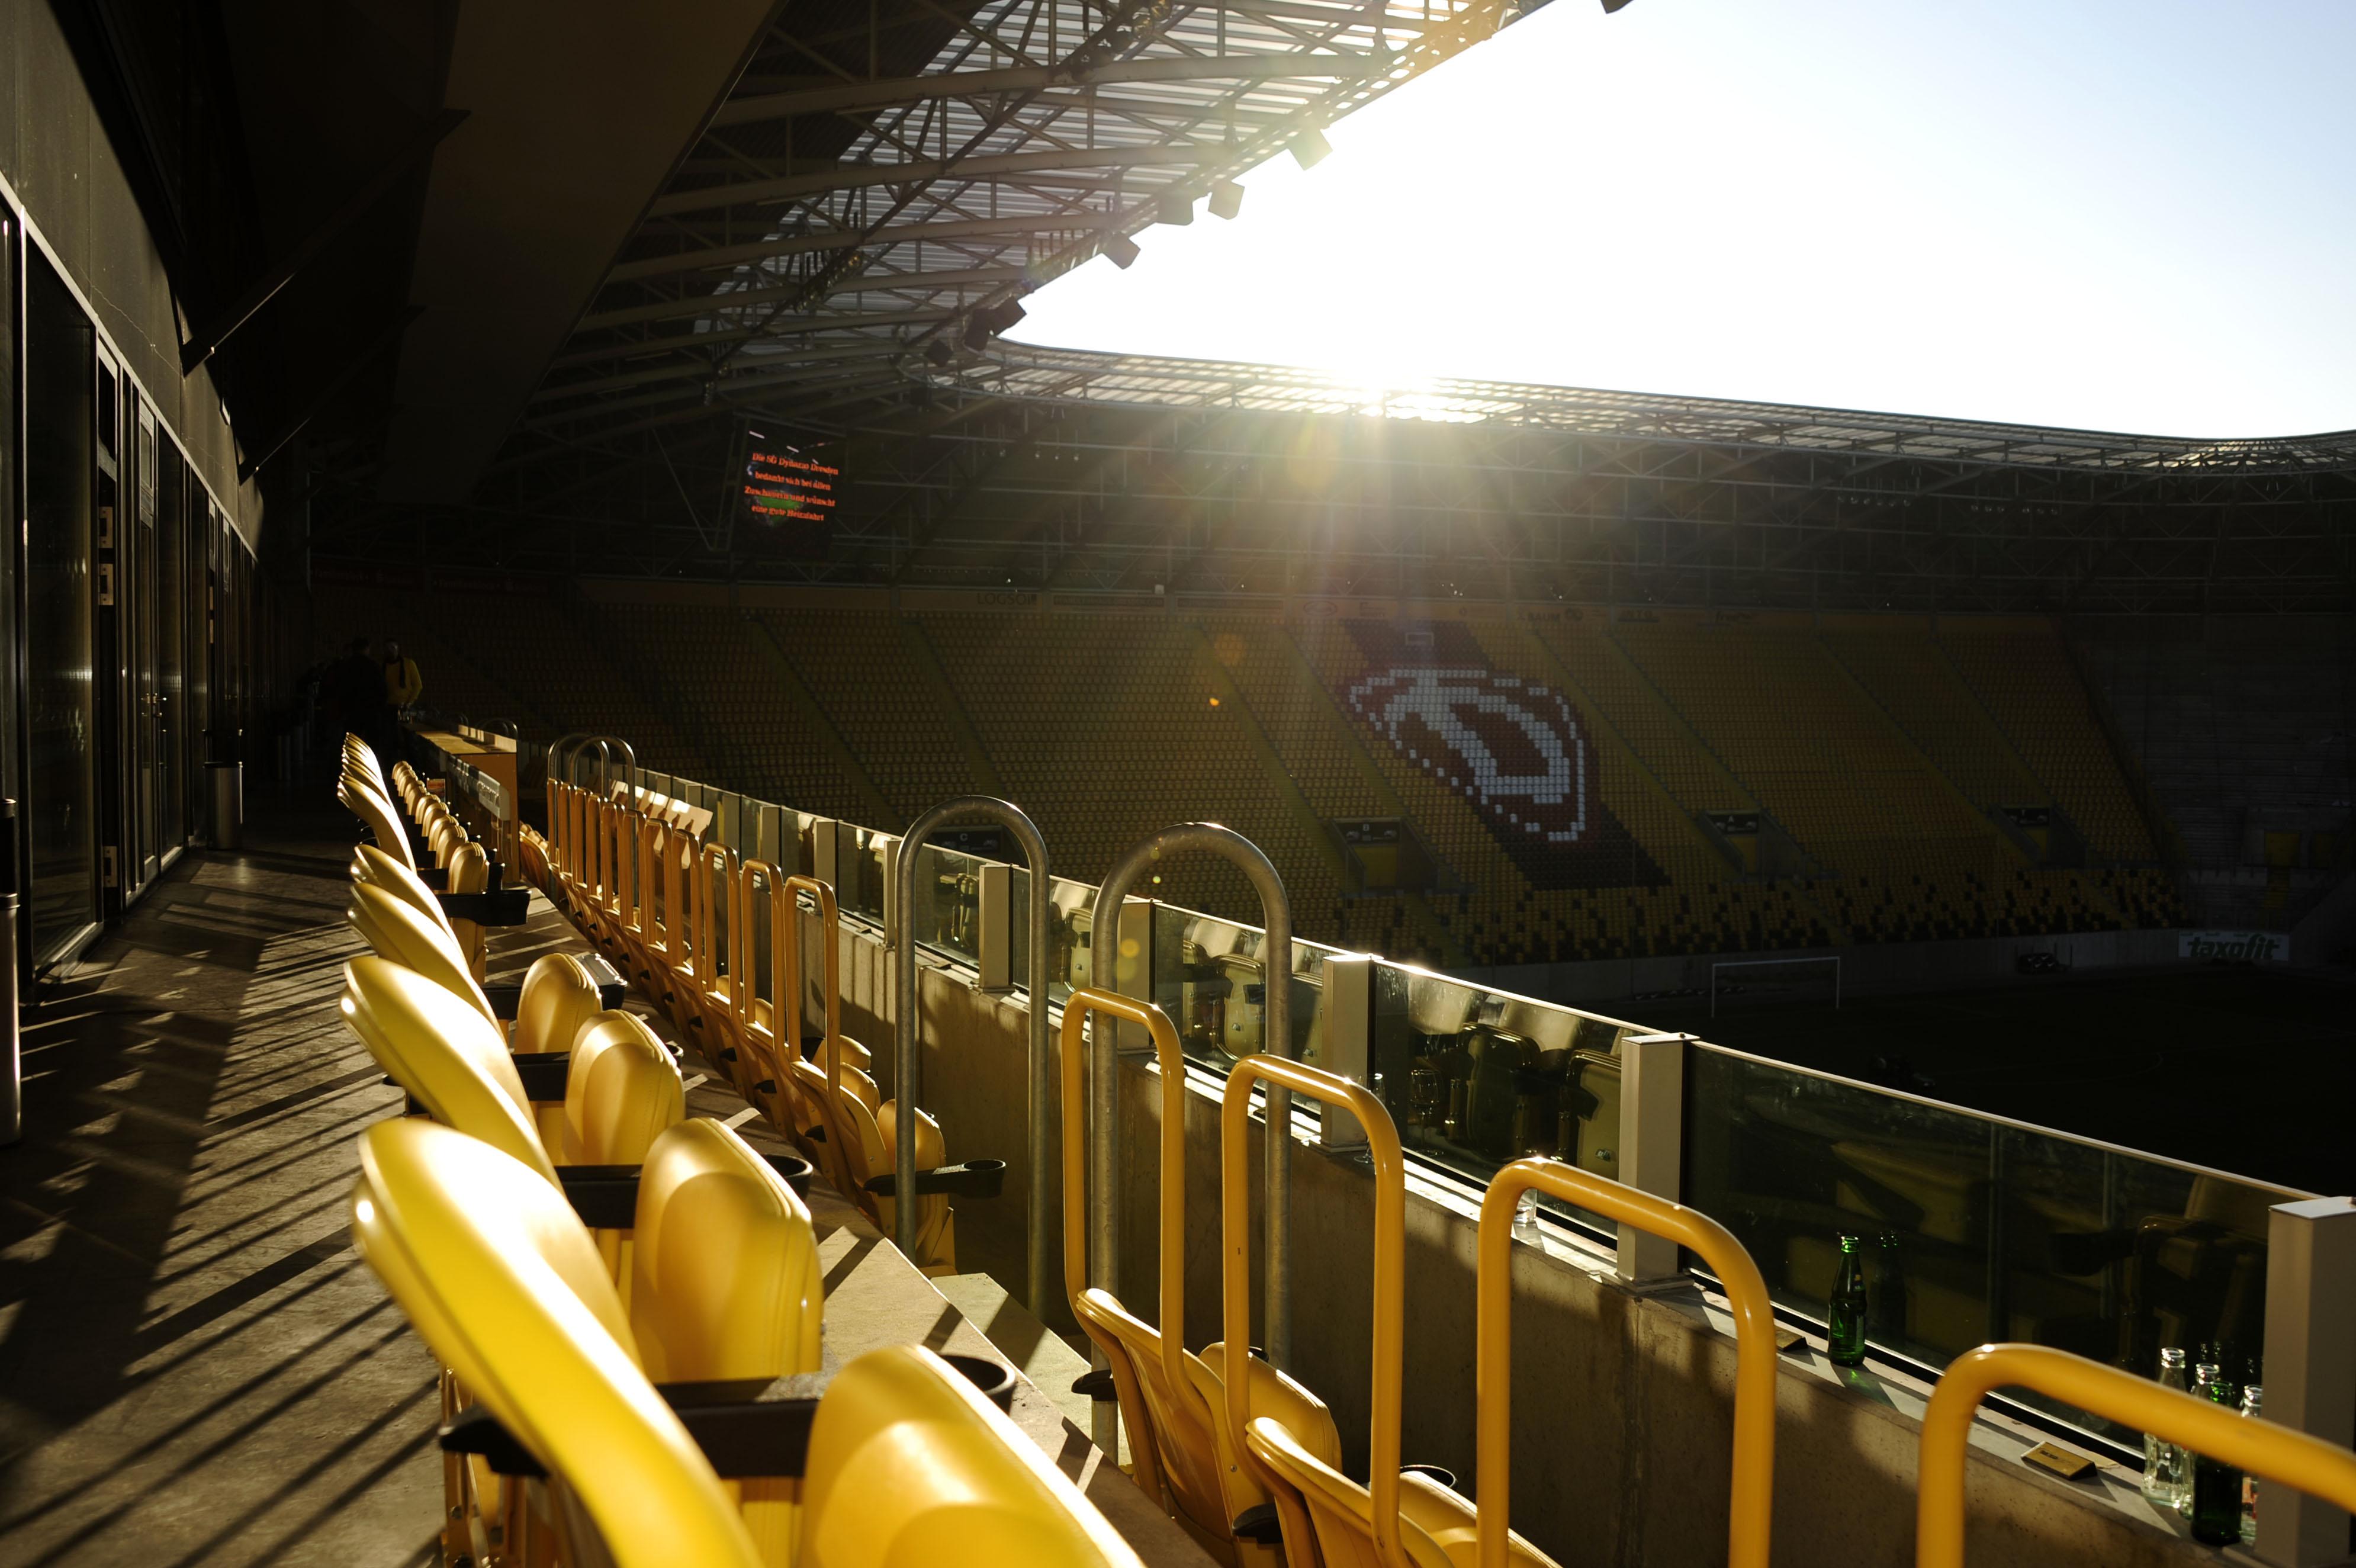 Blick von der Logen-Ebene des VIP-Bereiches; Abendstimmung ueber dem glücksgas stadion; SG Dynamo Dresden - Alemannia Aachen 1:1; 16. Oktober 2011; Foto: Dehli-News / Frank Dehlis [Frank Dehlis; Trachauer Str. 32; 01139 Dresden; Tel.: 0172. 3525234; Mail: foto@dehli-news.de;  Ostsaechsische Sparkasse Dresden; Kto.: 4121309060; BLZ: 85050300; Honorar zuzuegl. 7 % (Prozent) MwSt;  Finanzamt Dresden II; Steuer-Nr.: 202/212/00277; soweit nicht anders vereinbart, gilt die aktuelle MFM-Bildhonorarliste; Veroeffentlichung nur gegen Honorar, Urhebervermerk und Belegexemplar; saemtliche Nutzungen erfolgen ausschliesslich auf der Grundlage meiner unter folgendem Link www.dehli-news.de/agb einsehbaren Allgemeinen Geschaeftsbedingungen (AGB)]